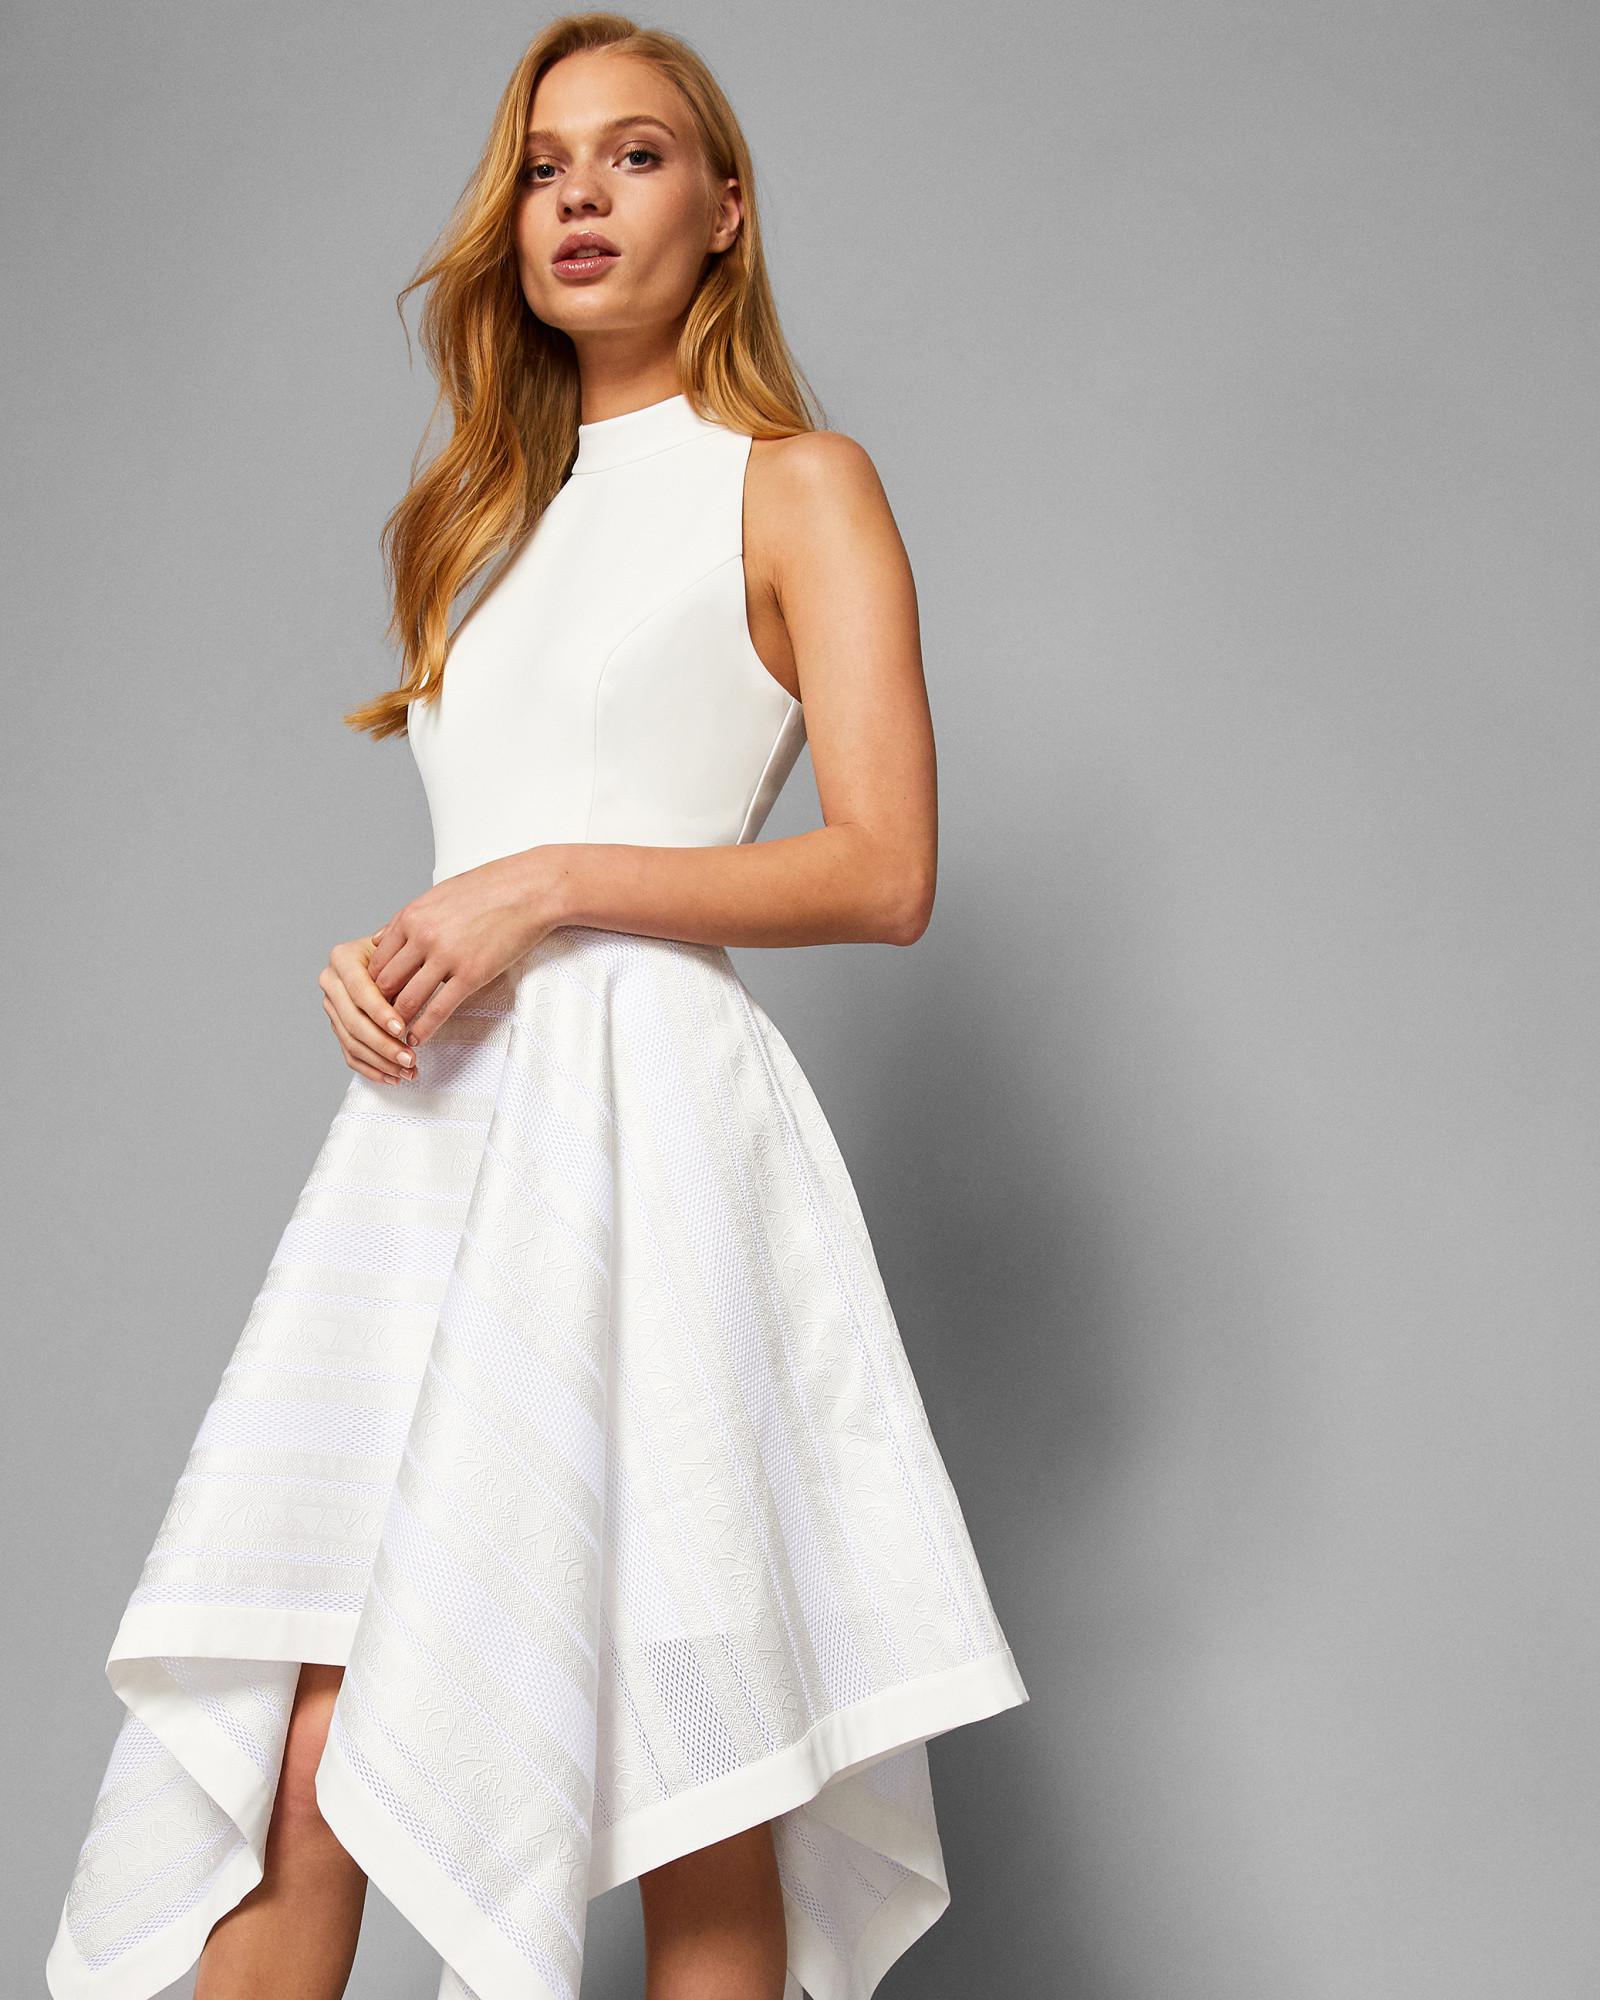 07d8e4d12f986 Ted Baker Draped Skirt Dress in White - Lyst